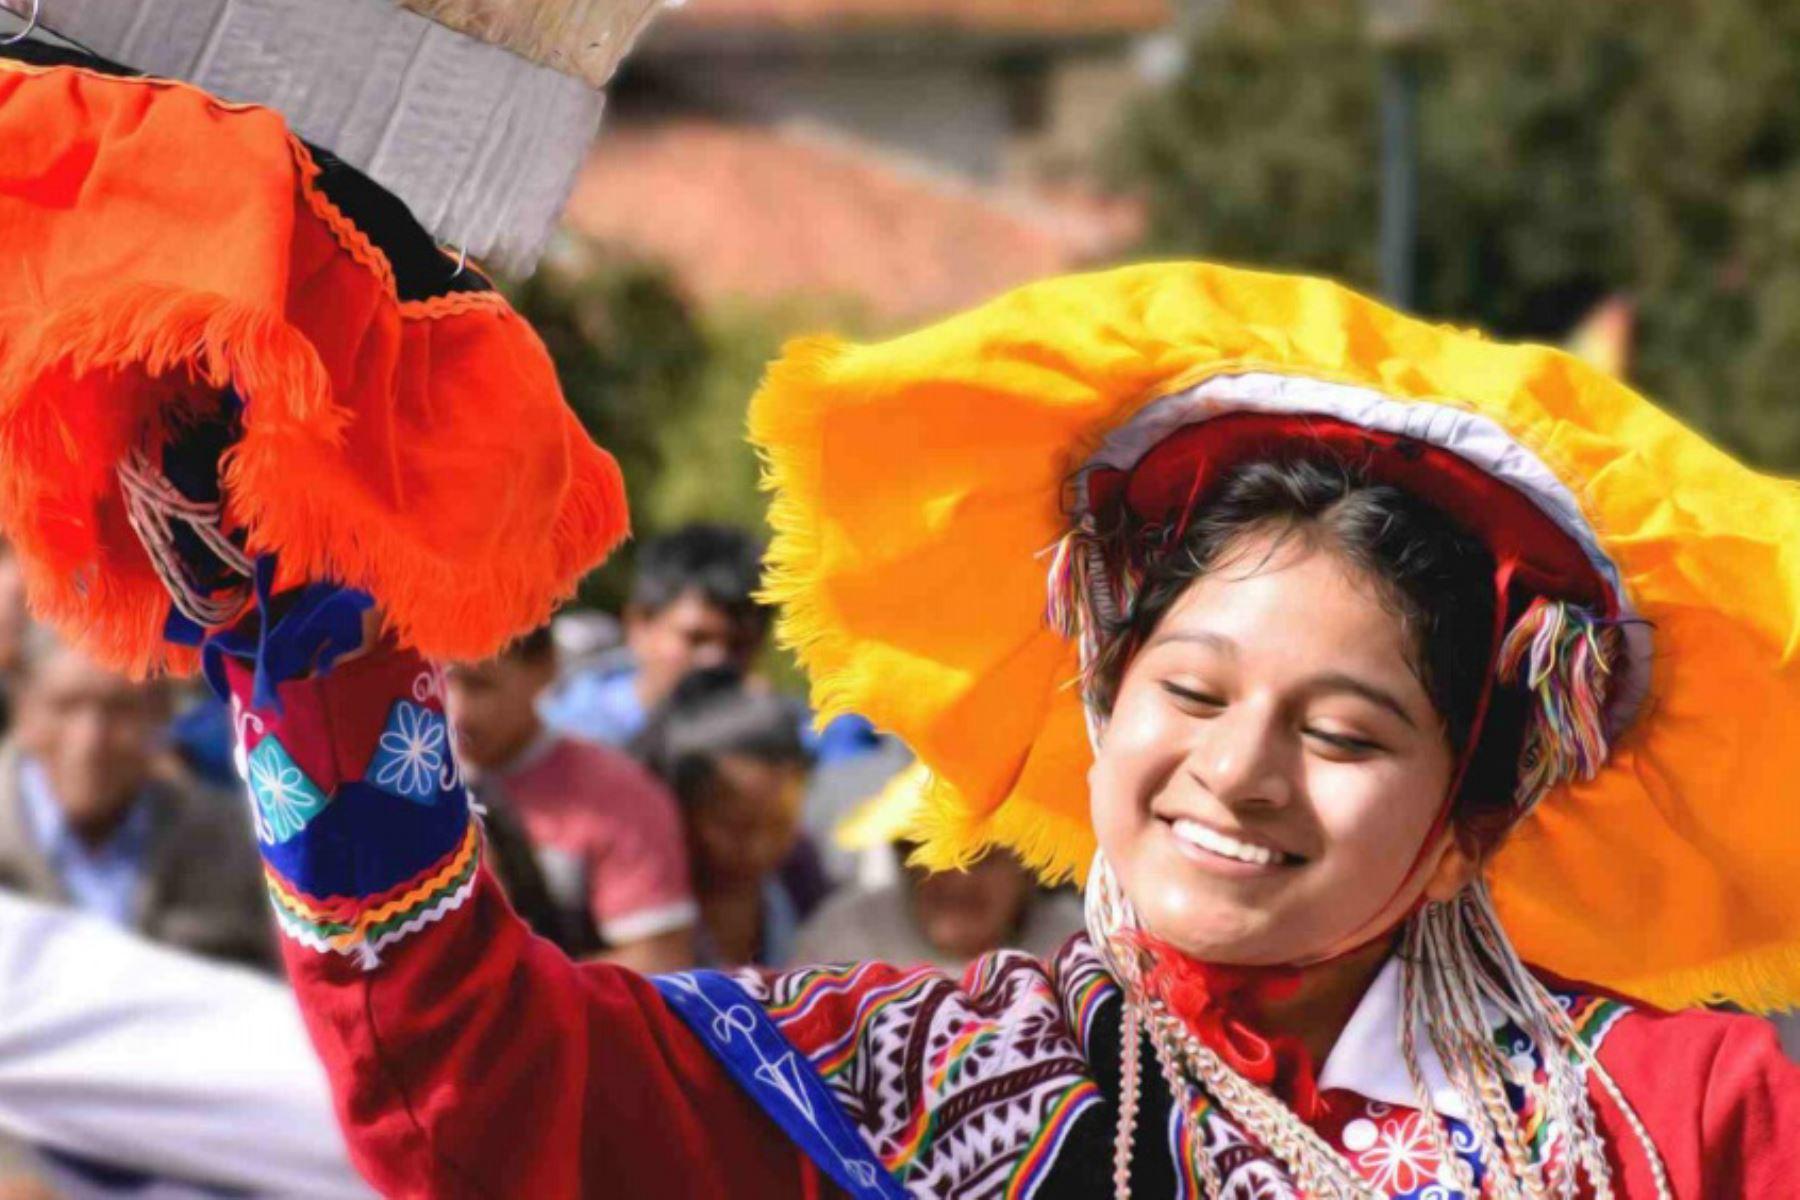 Con gran entusiasmo, alegría y compromiso con la preservación de su herencia ancestral, la población de Cusco viene participando en las diversas actividades oficiales programadas en su mes jubilar, en donde destacan el emblemático Inti Raymi, desfiles de danzas típicas, conciertos de música, conversatorios y exposiciones pictóricas. Foto: Emufec